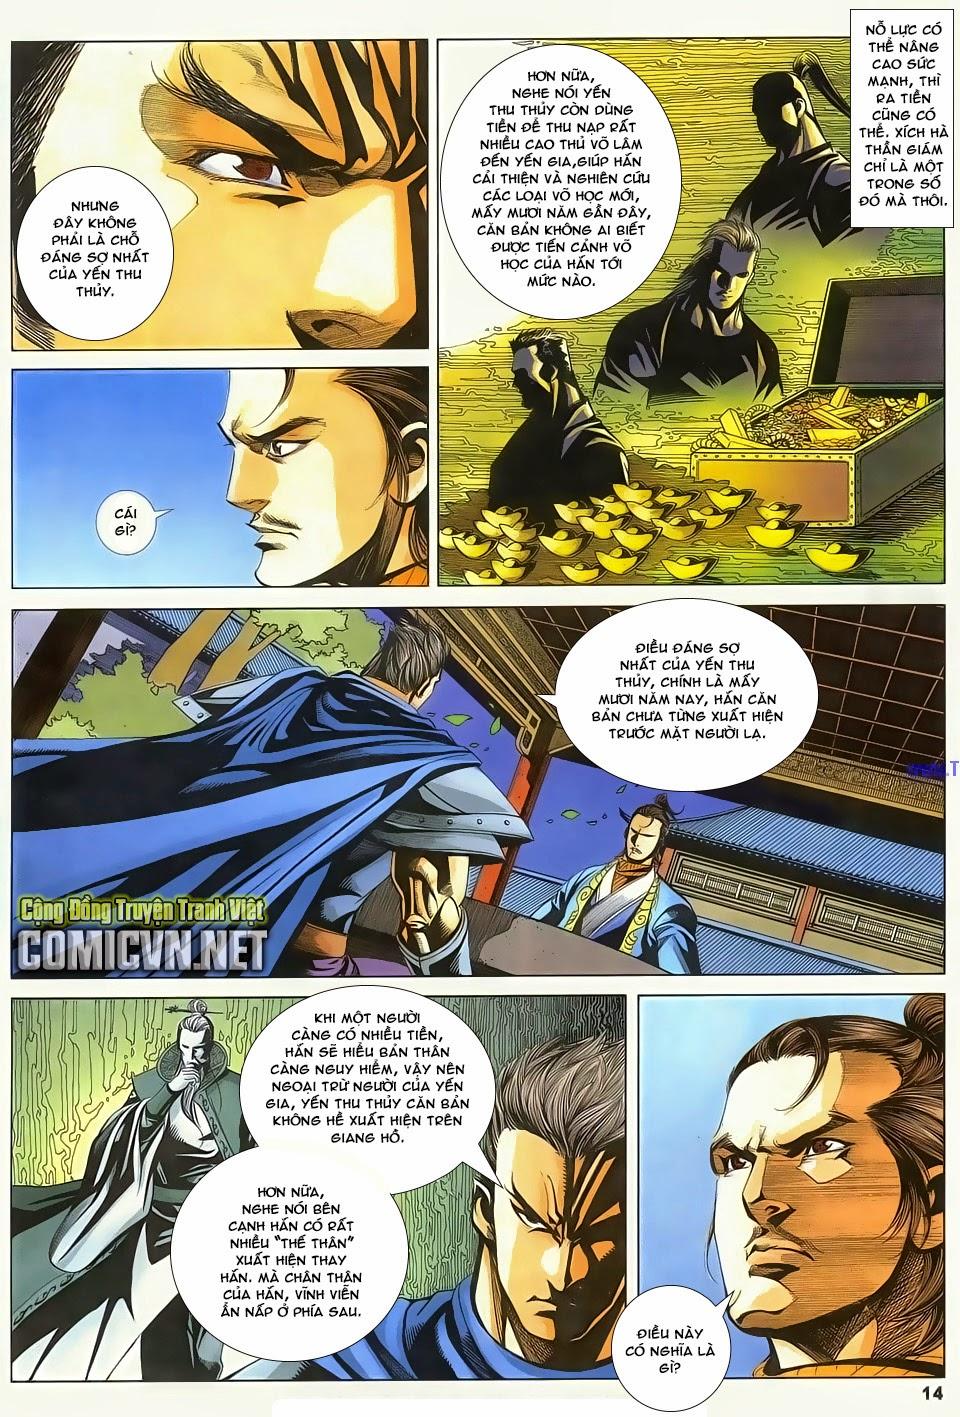 Cổ Long Quần Hiệp Truyện chap 83 - Trang 14